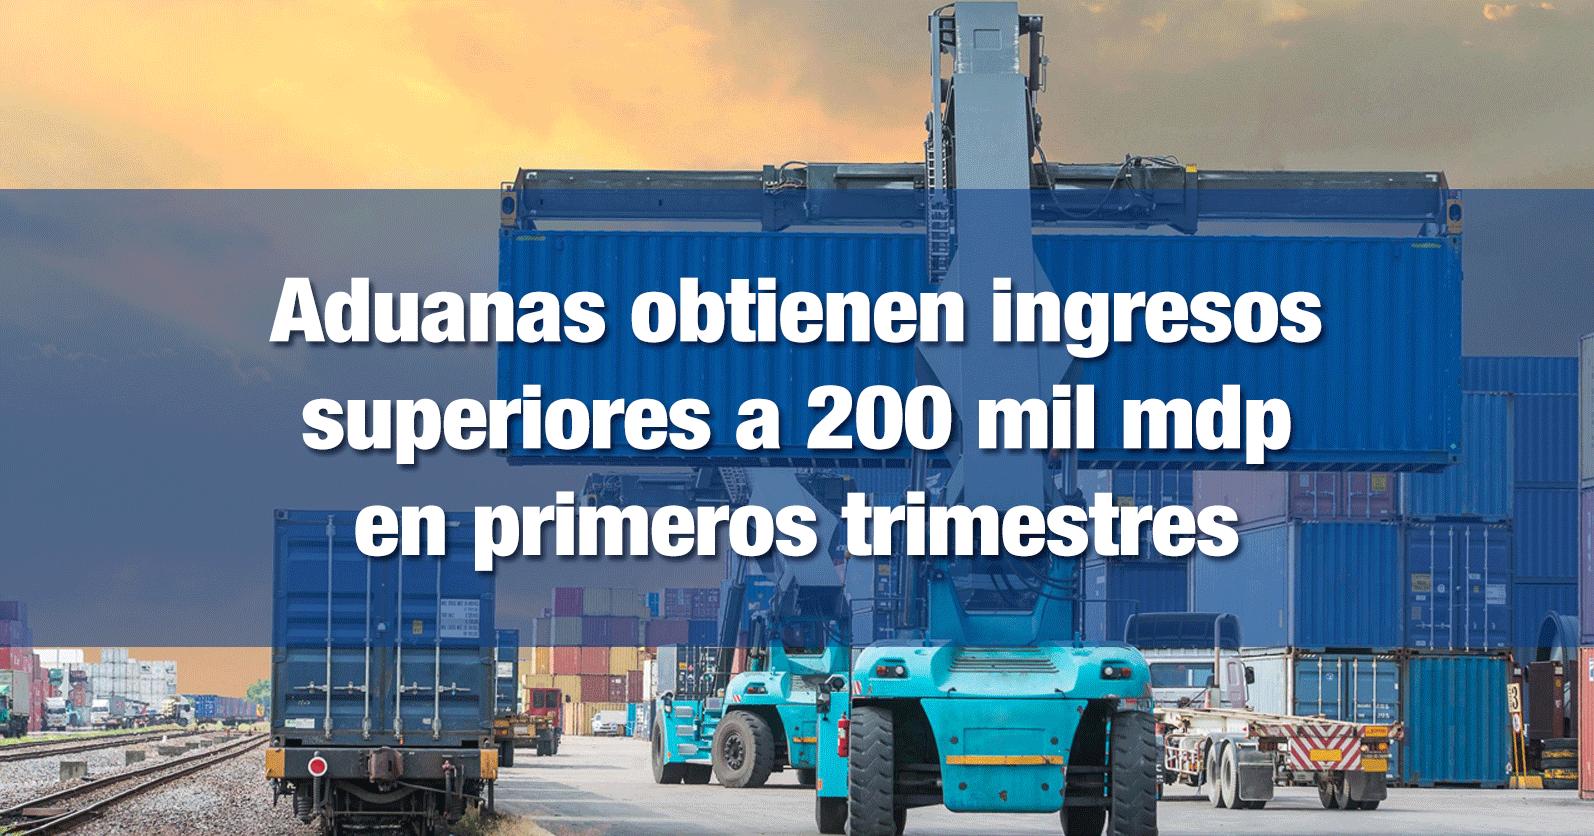 Aduanas obtienen ingresos superiores a 200 mil mdp en primeros trimestres